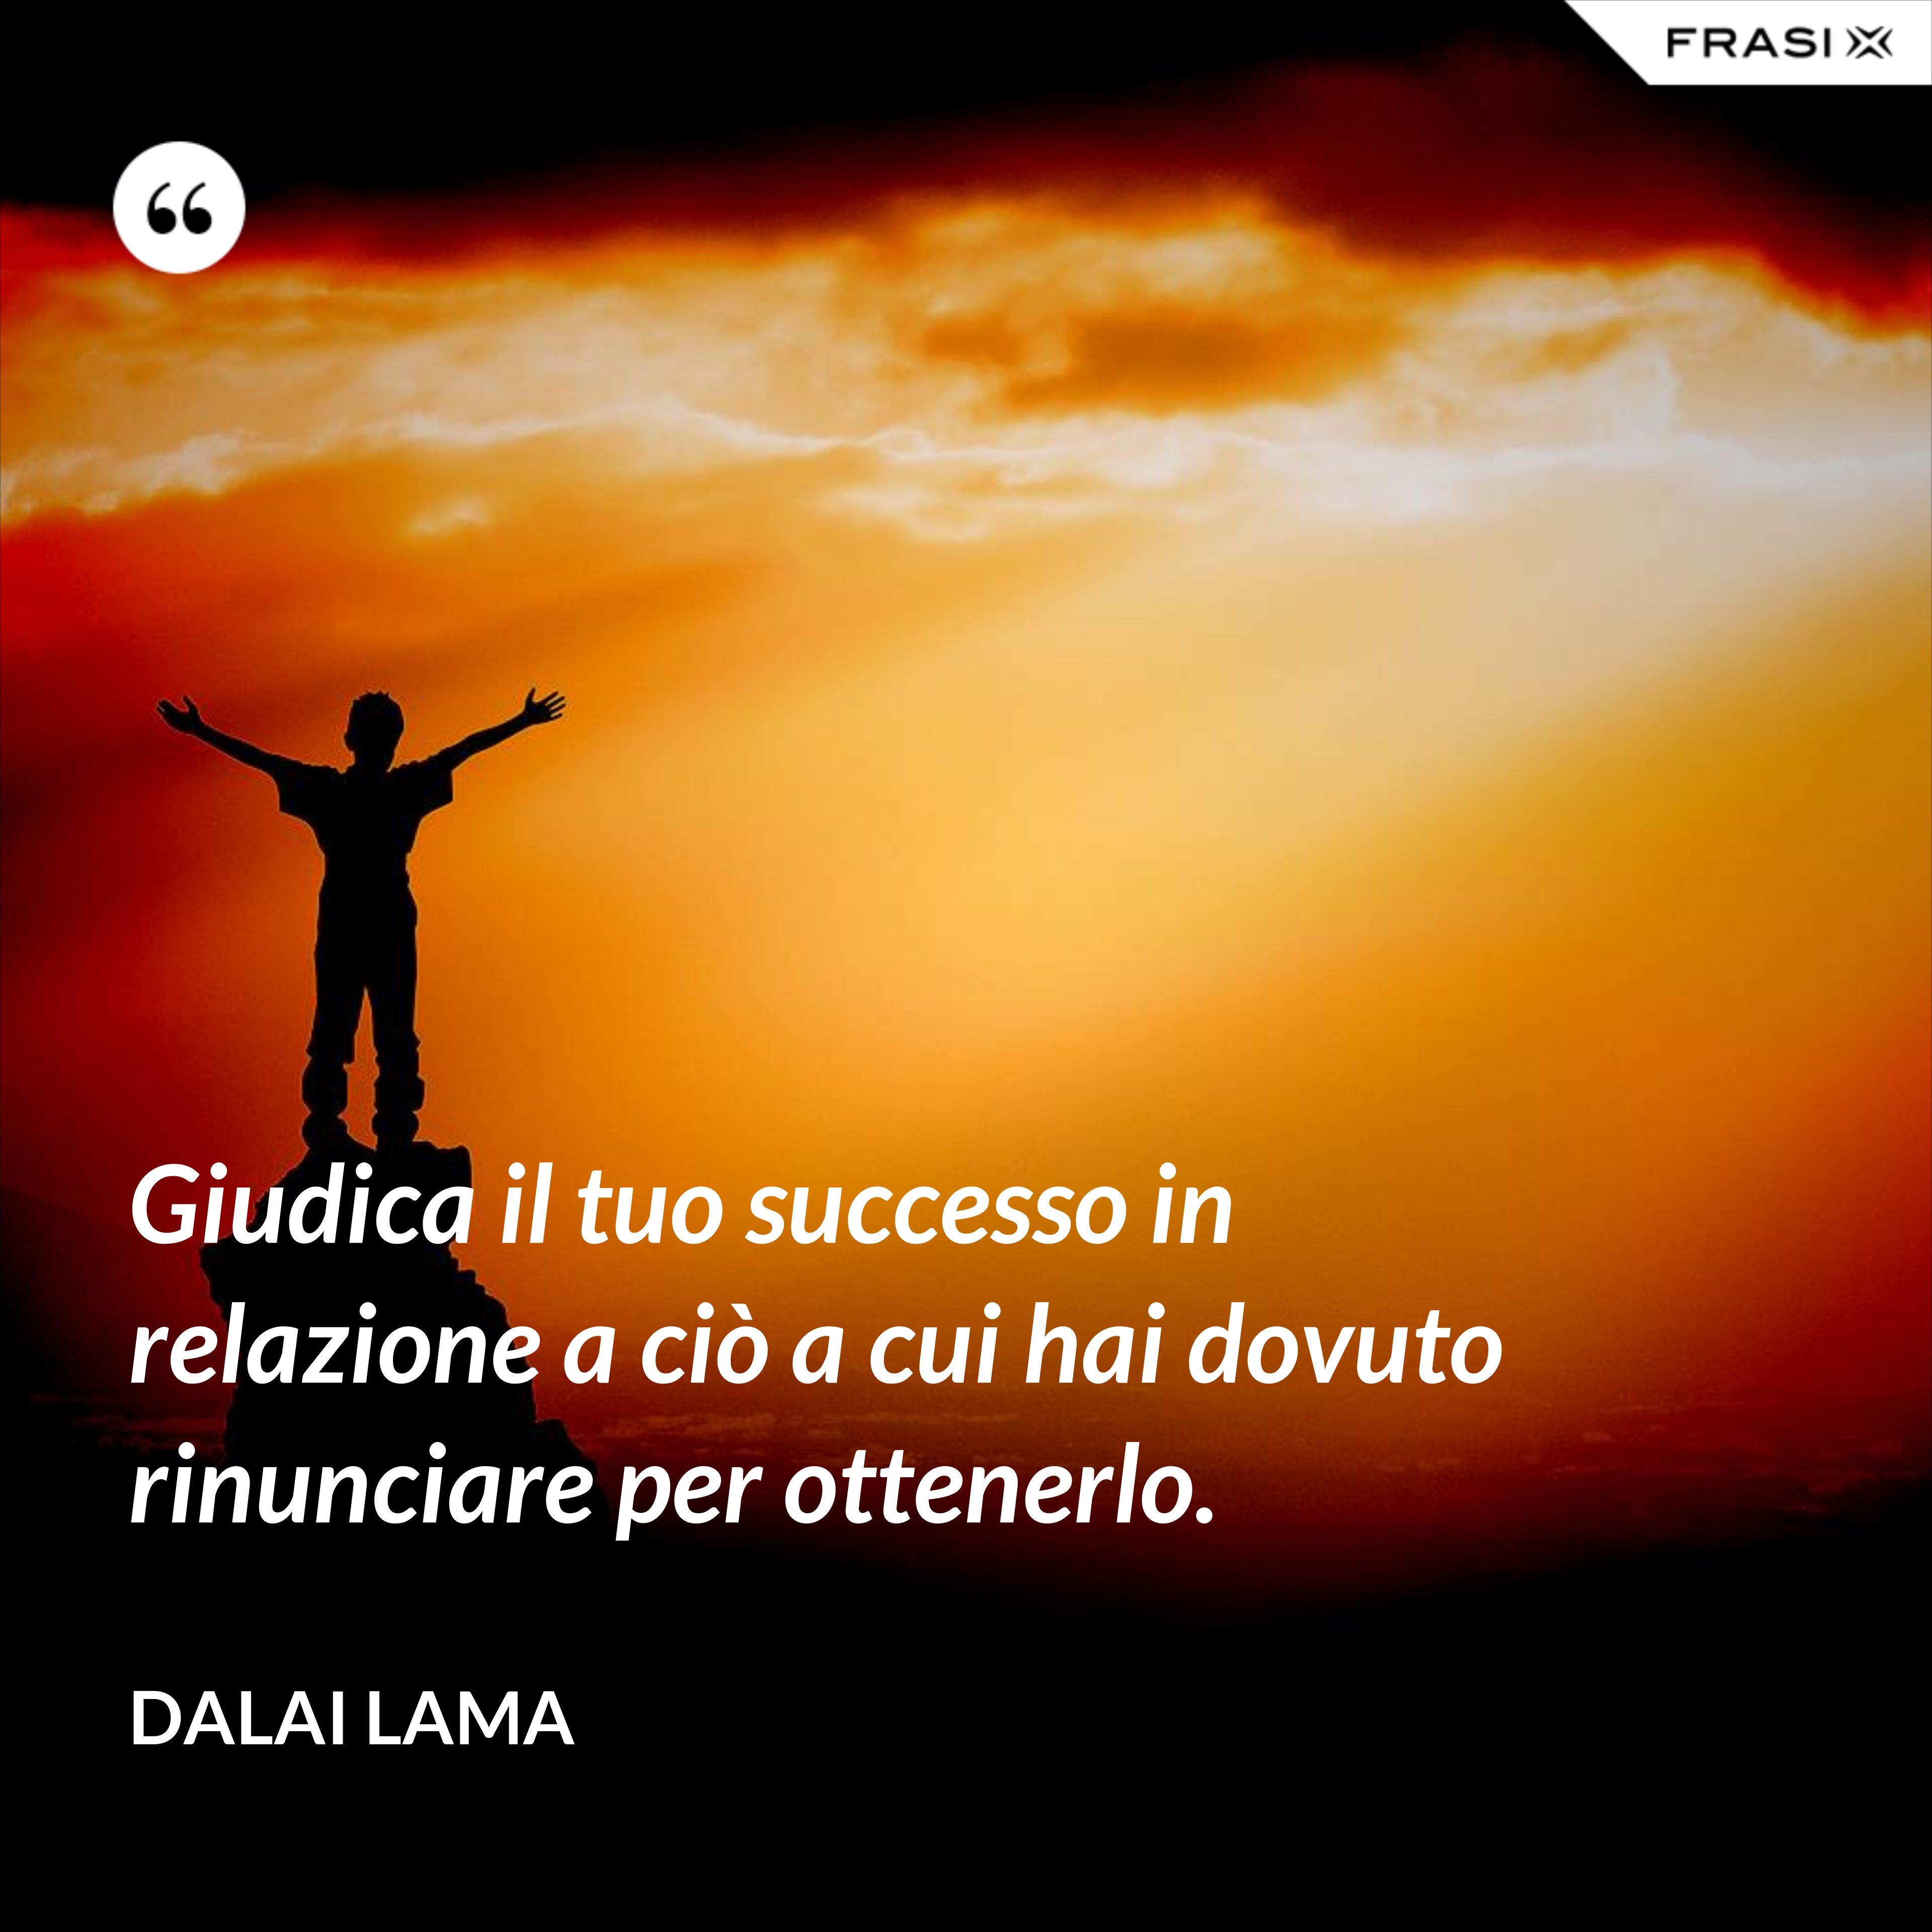 Giudica il tuo successo in relazione a ciò a cui hai dovuto rinunciare per ottenerlo. - Dalai Lama